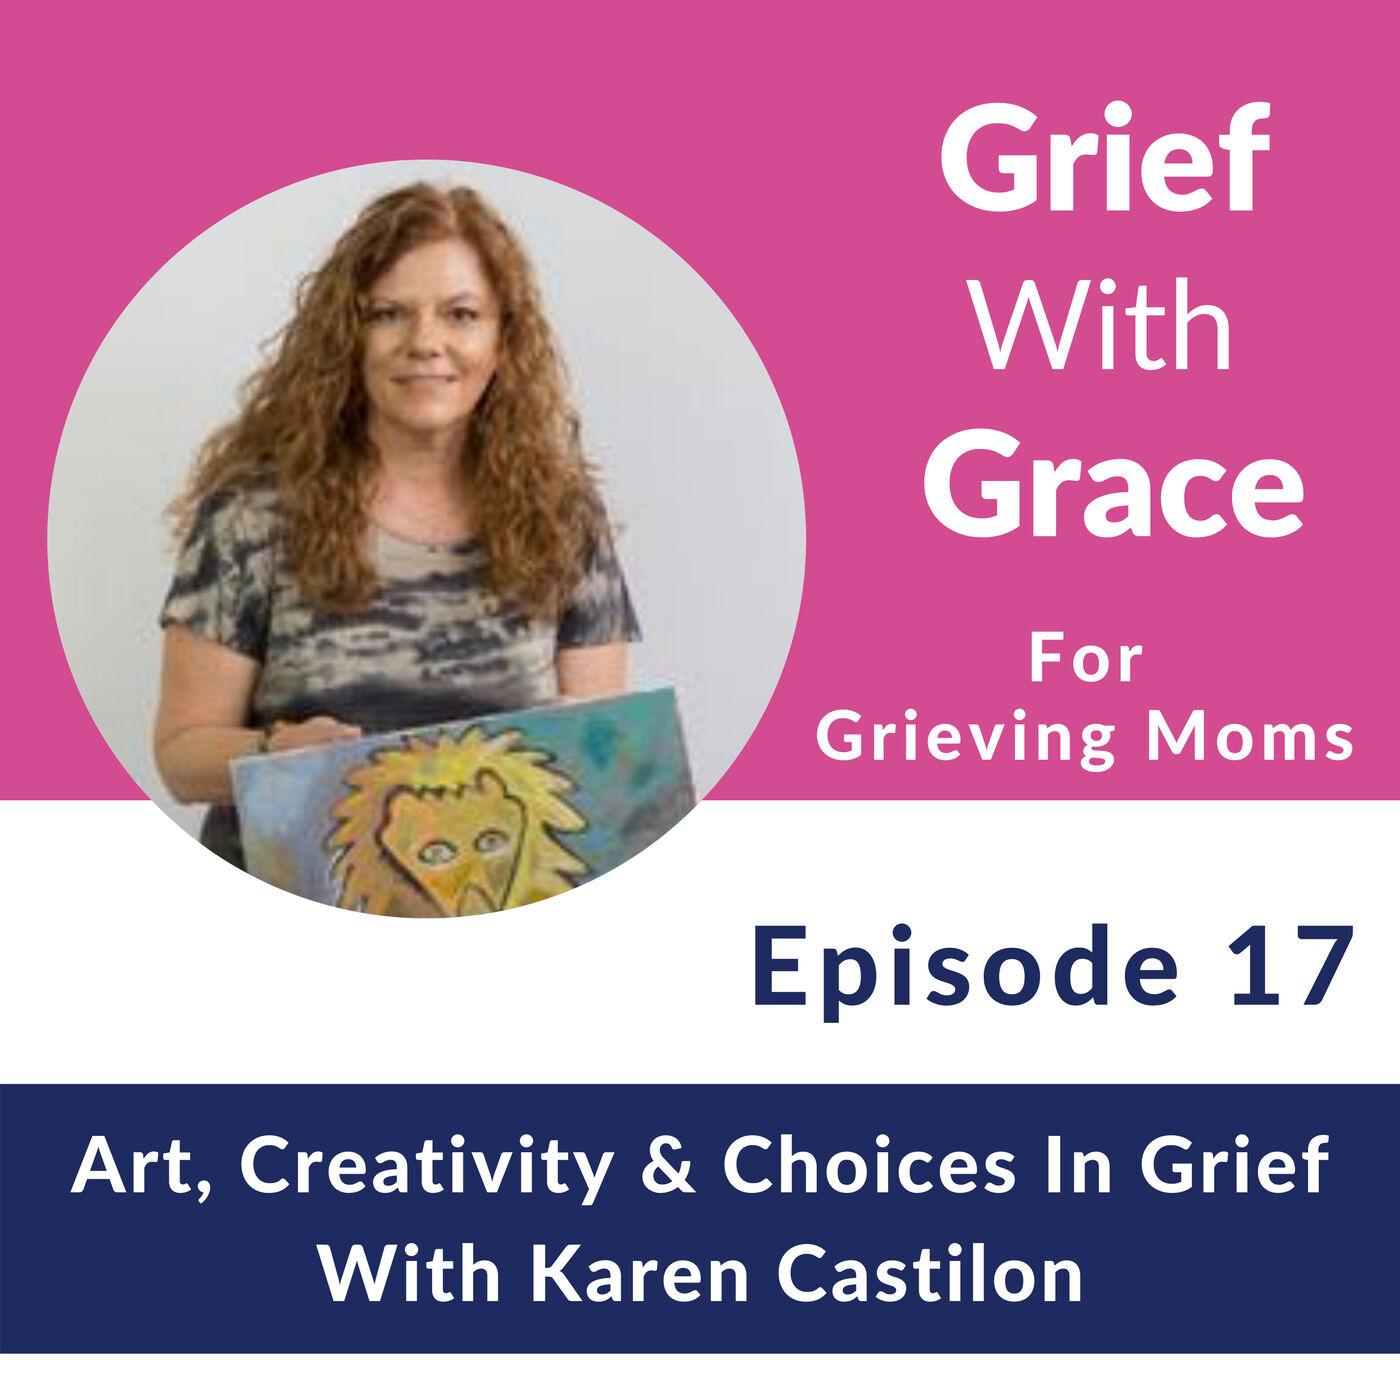 17. Art, Creativity & Choices In Grief With Karen Castilon